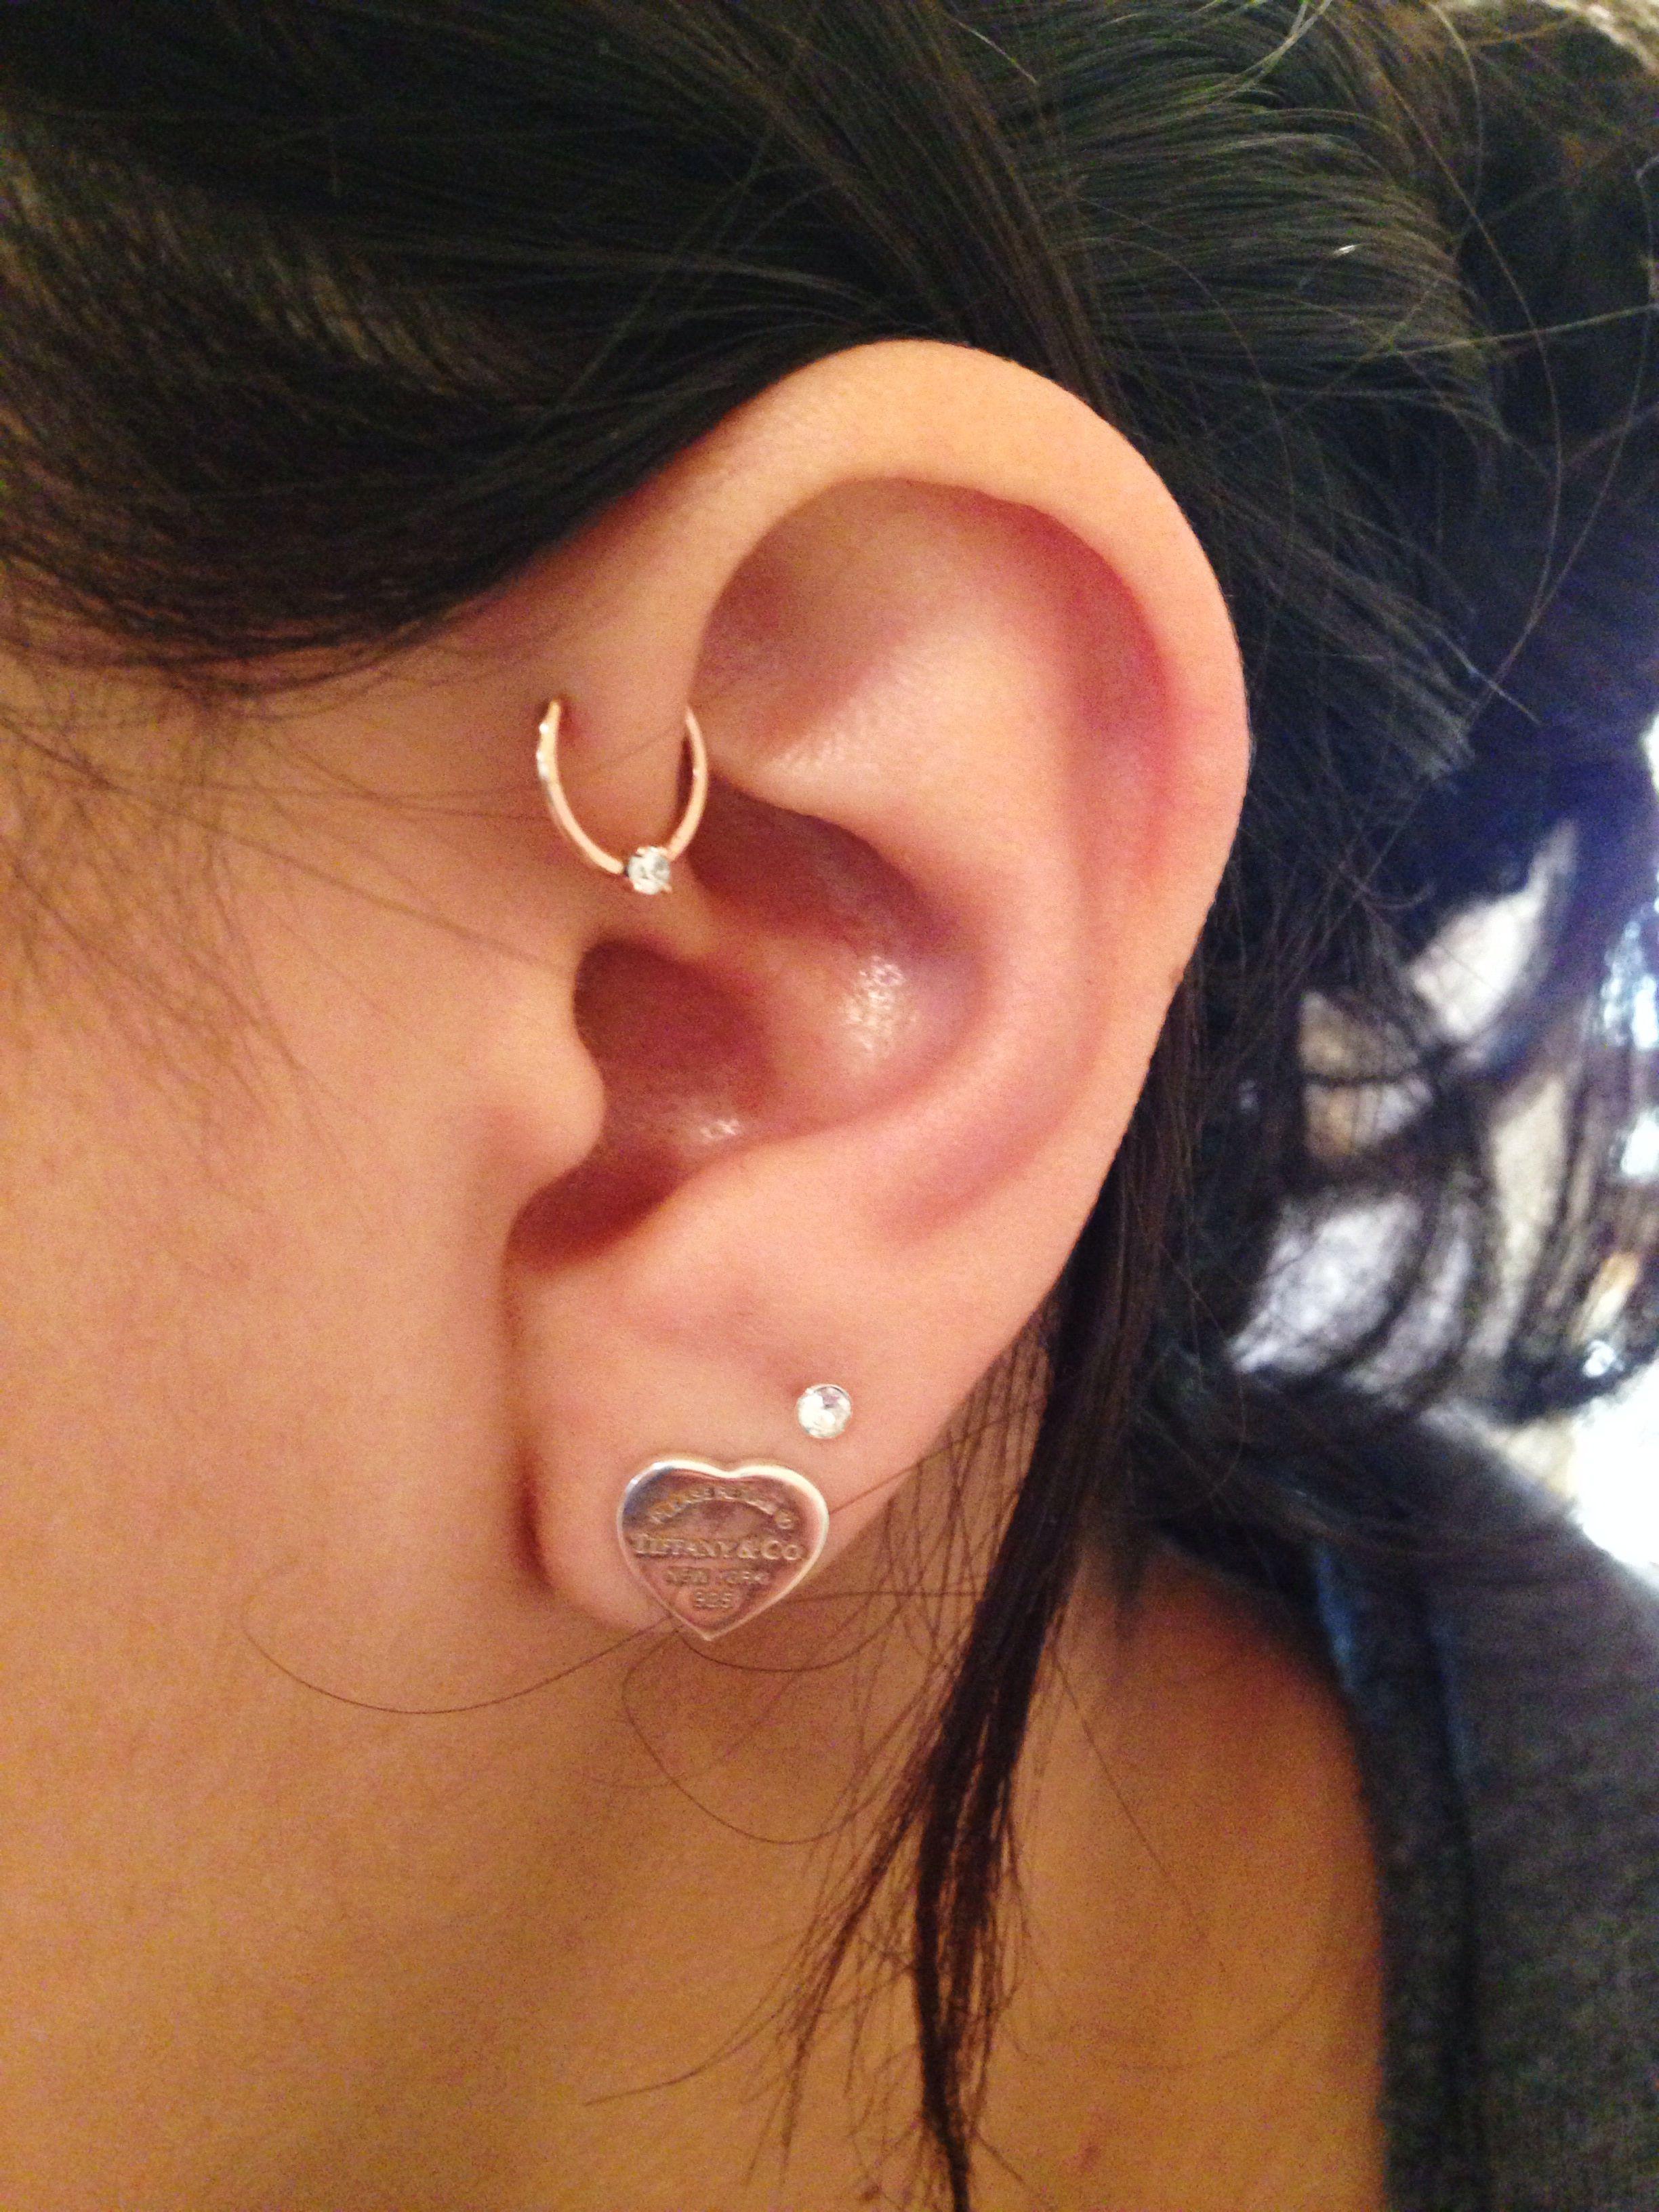 Earrings Ear Piercings Rose Gold Forward Helix Tiffany S Obsessed